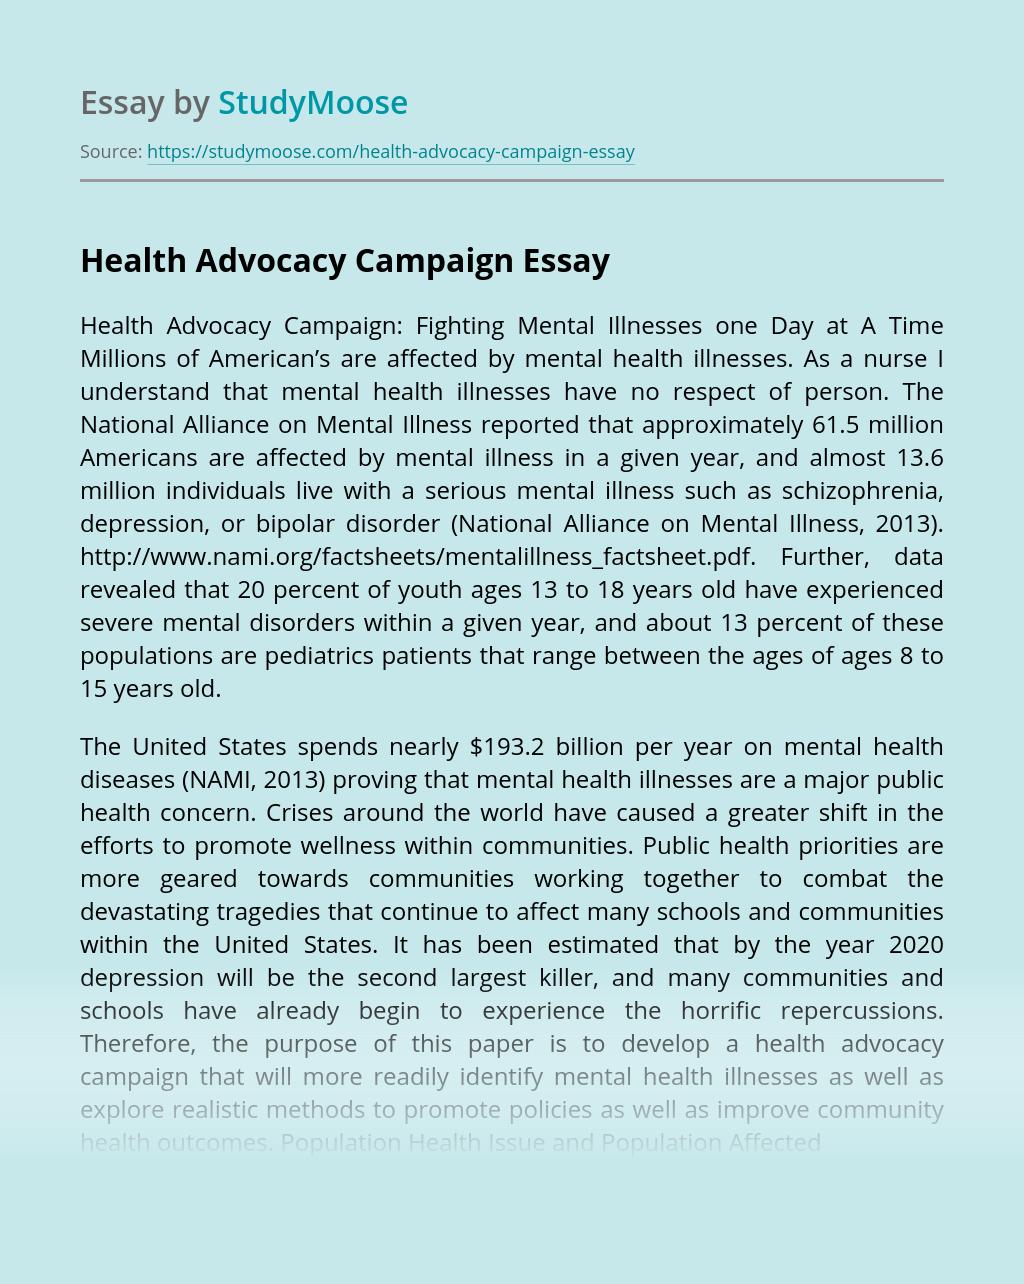 Health Advocacy Campaign